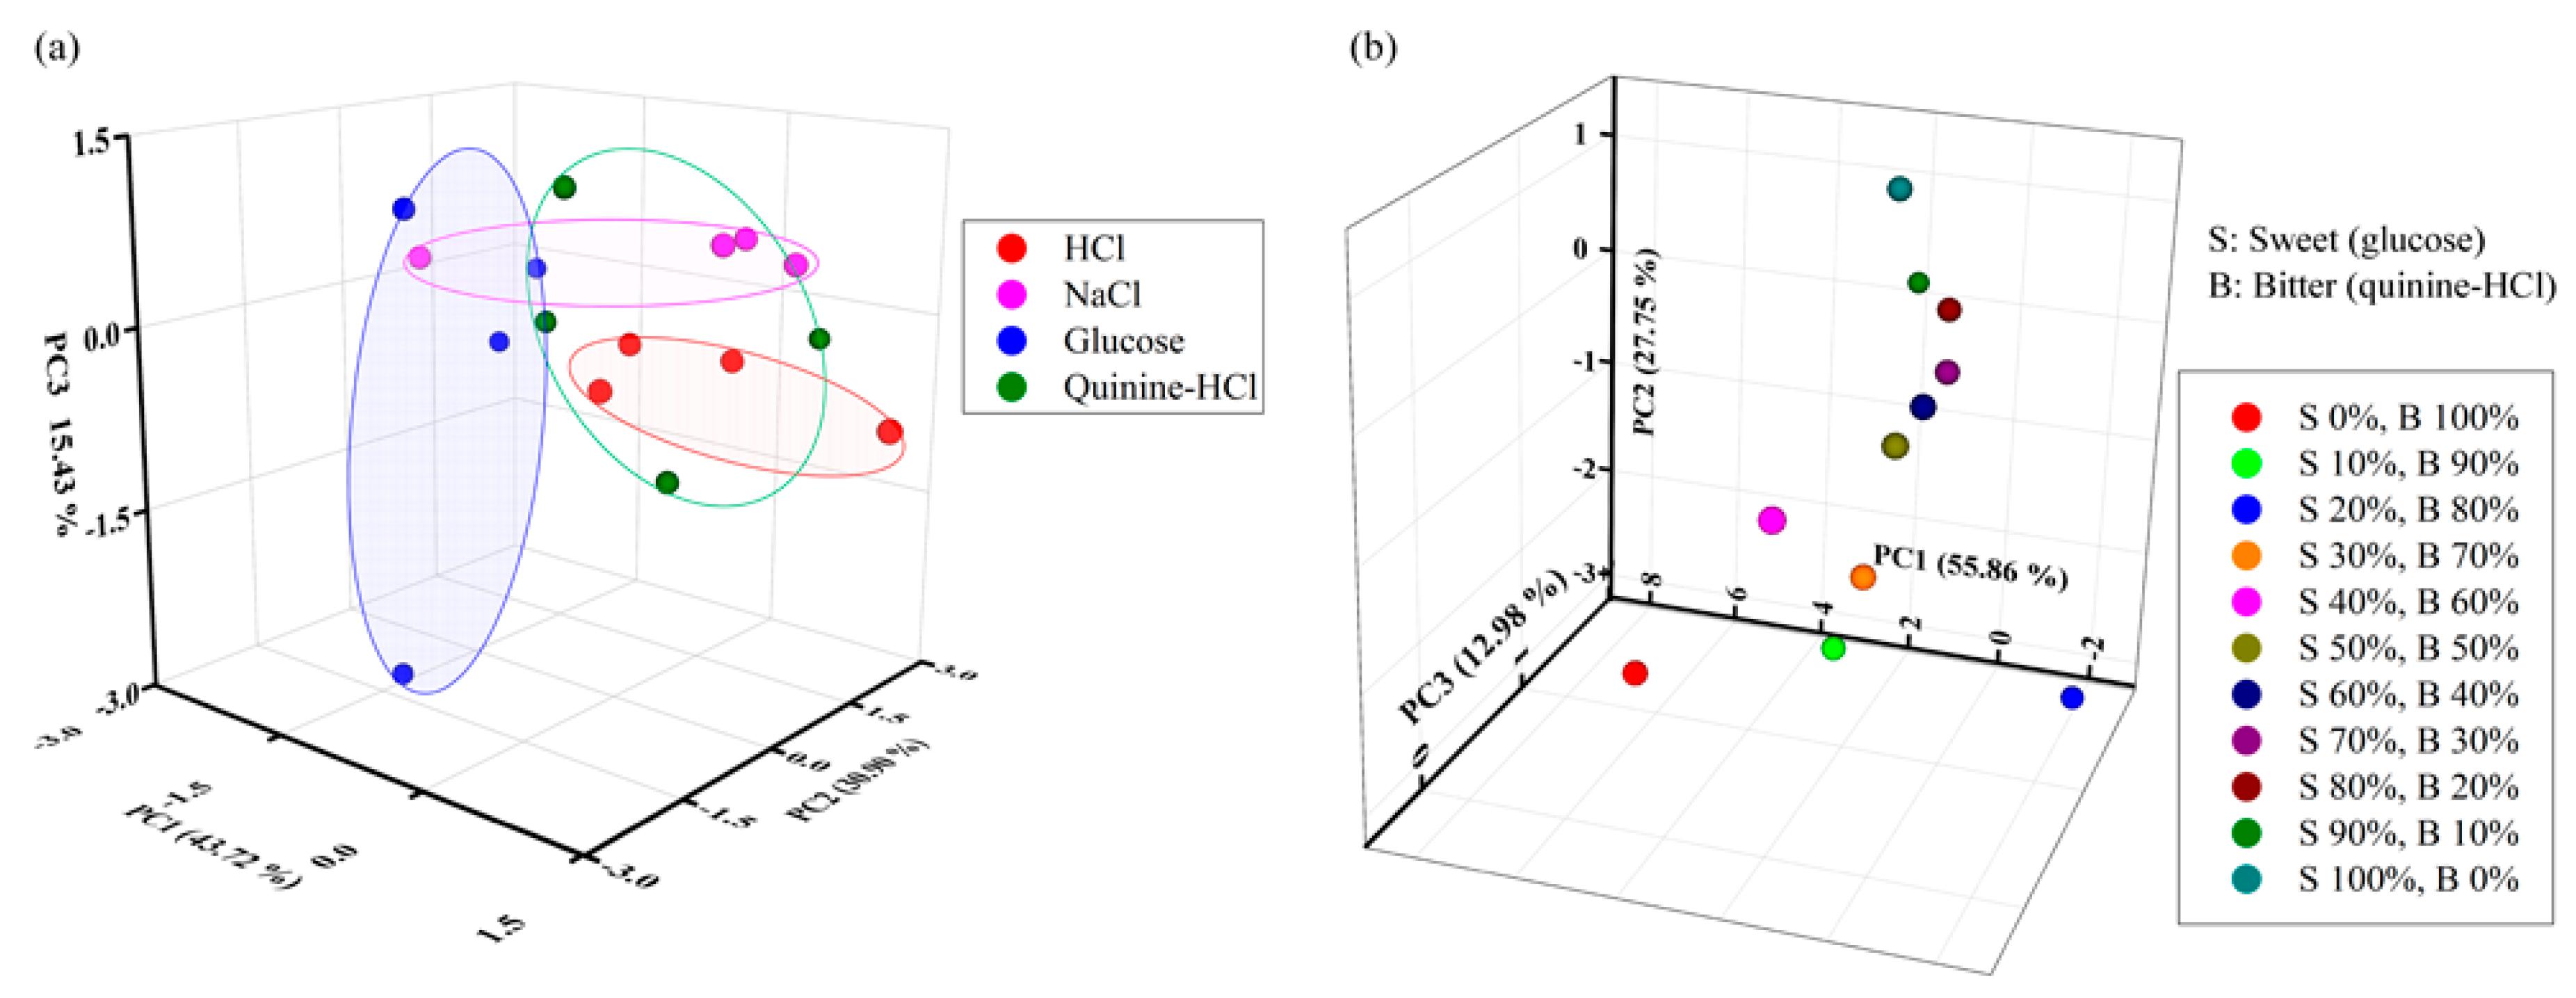 monosodium glutamate research paper pdf